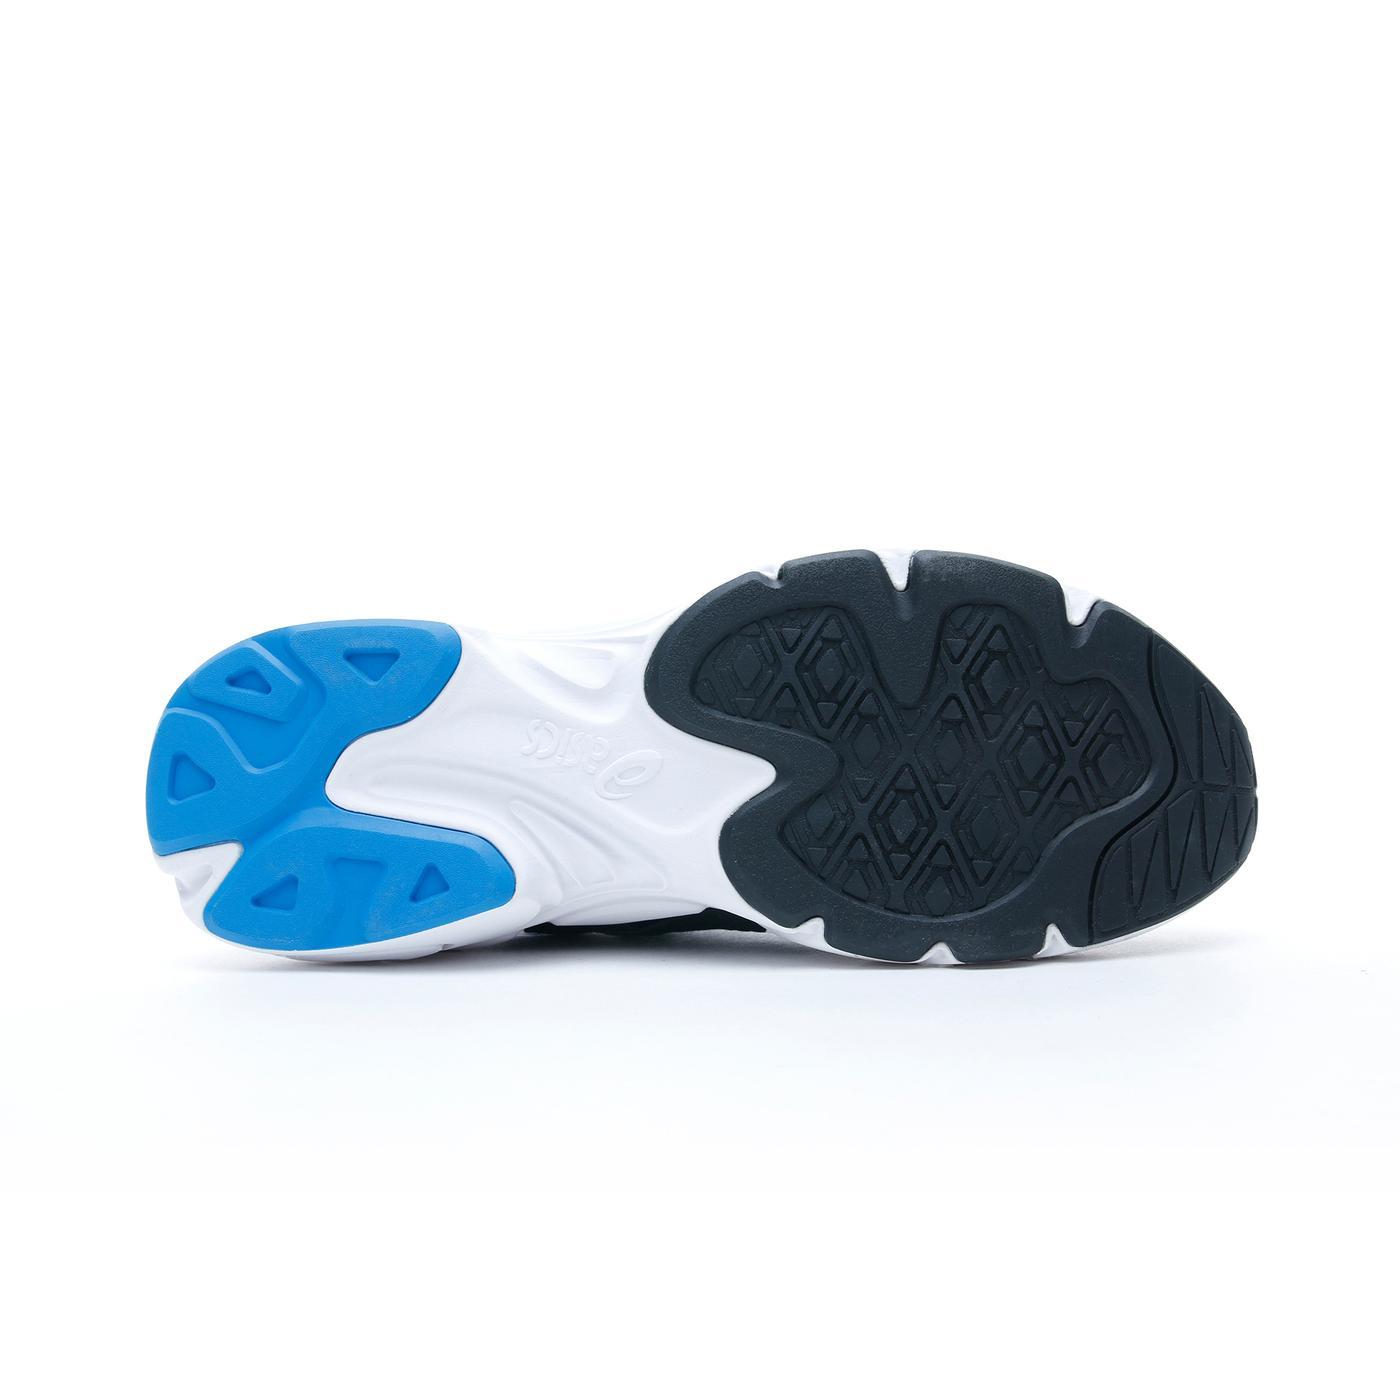 Asics Gel Bnd Siyah Erkek Spor Ayakkabı